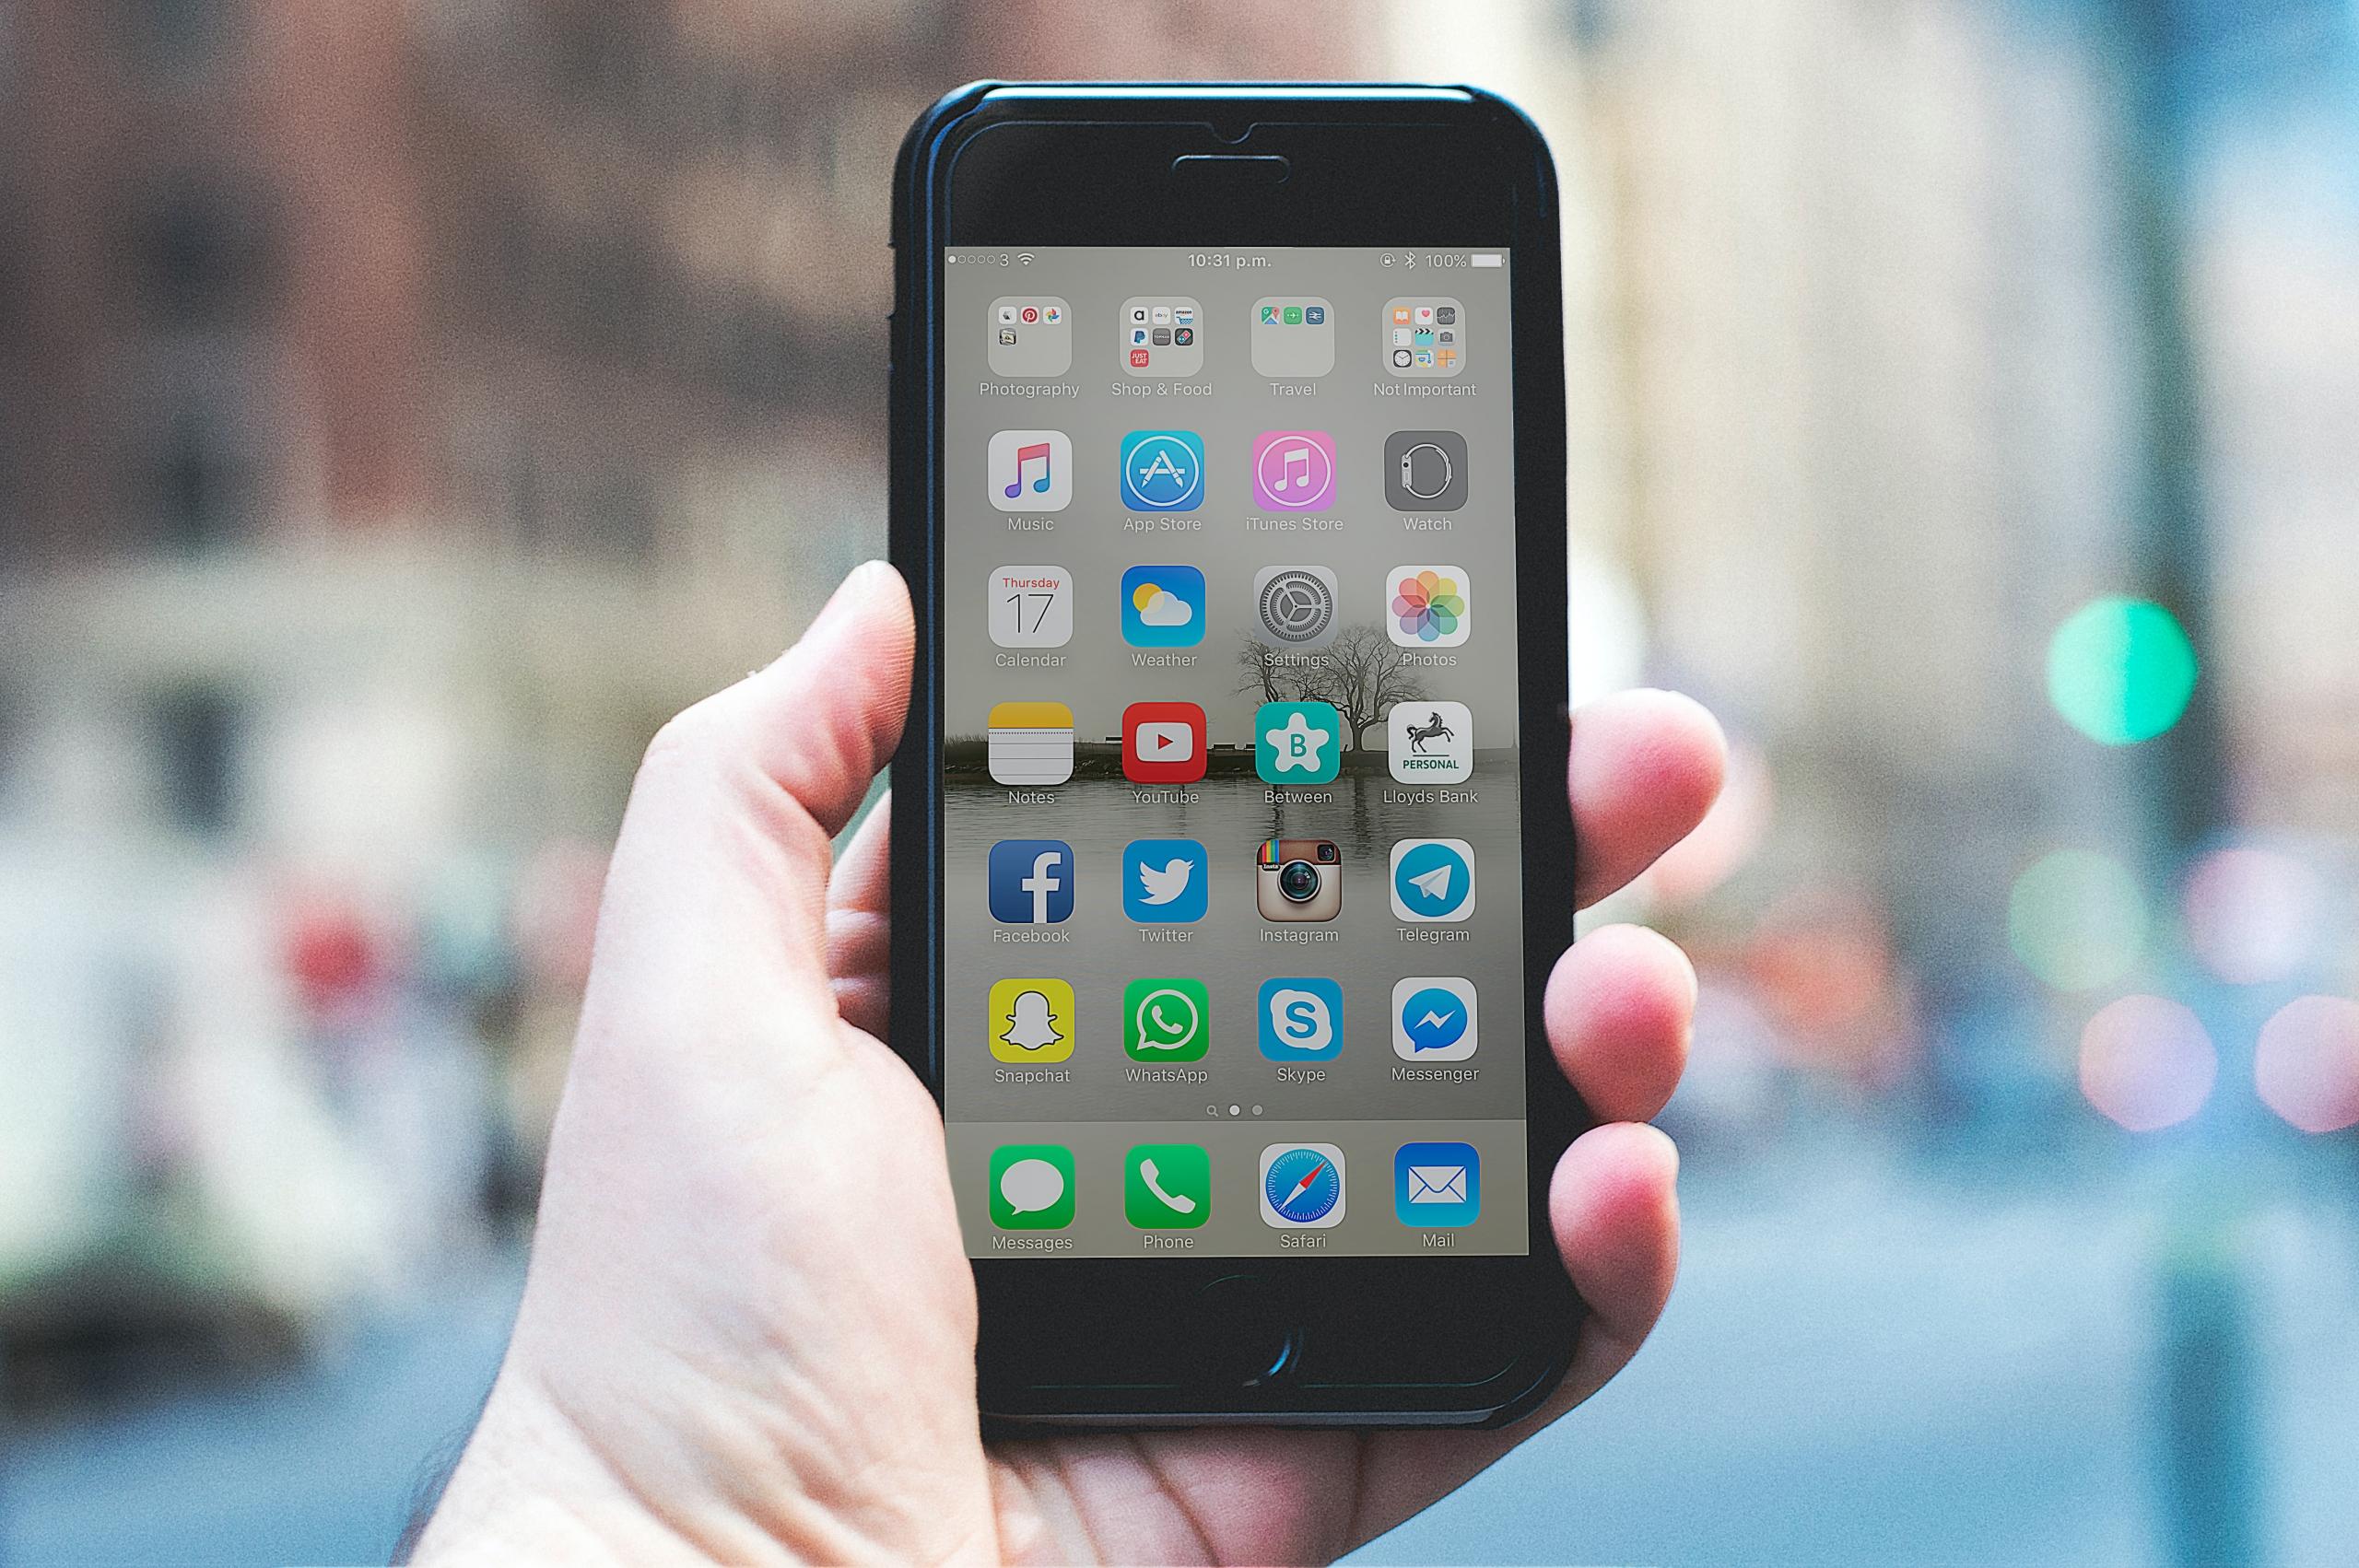 Als Feedback Tool die App von surround-view bedienungsfreundlich einsetzen.